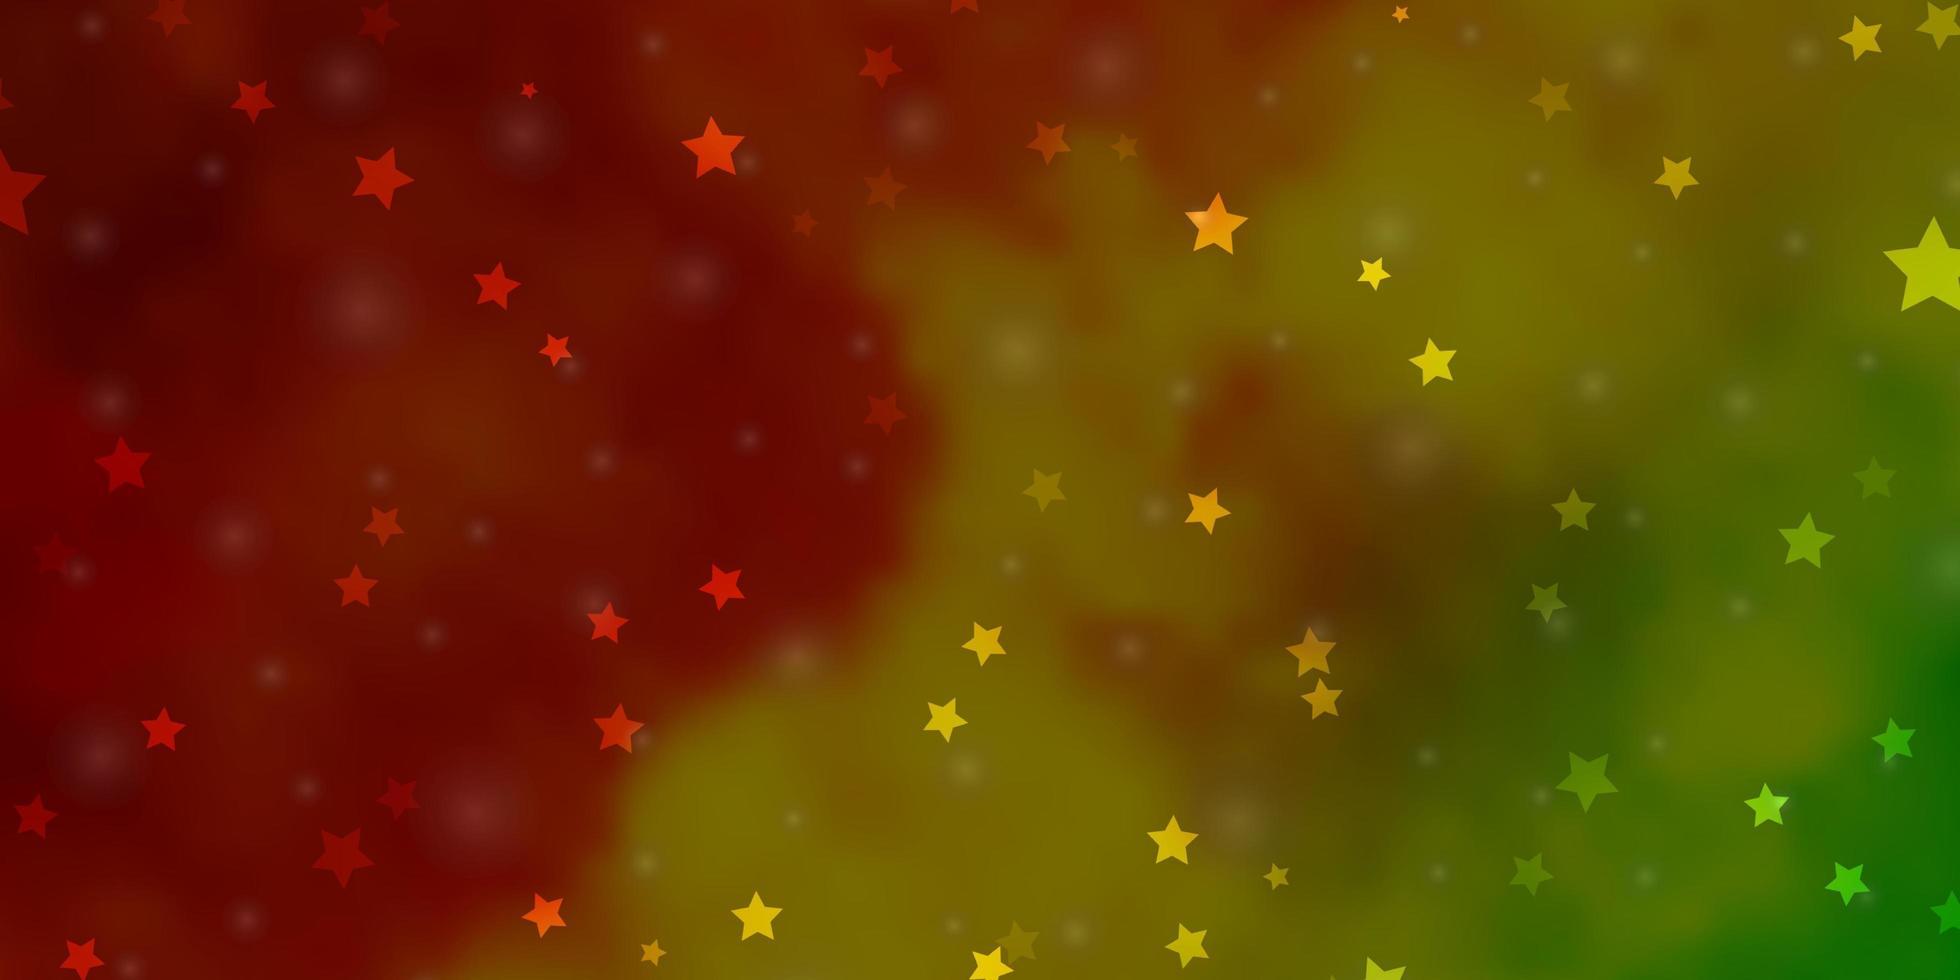 diseño de vector verde claro, amarillo con estrellas brillantes.